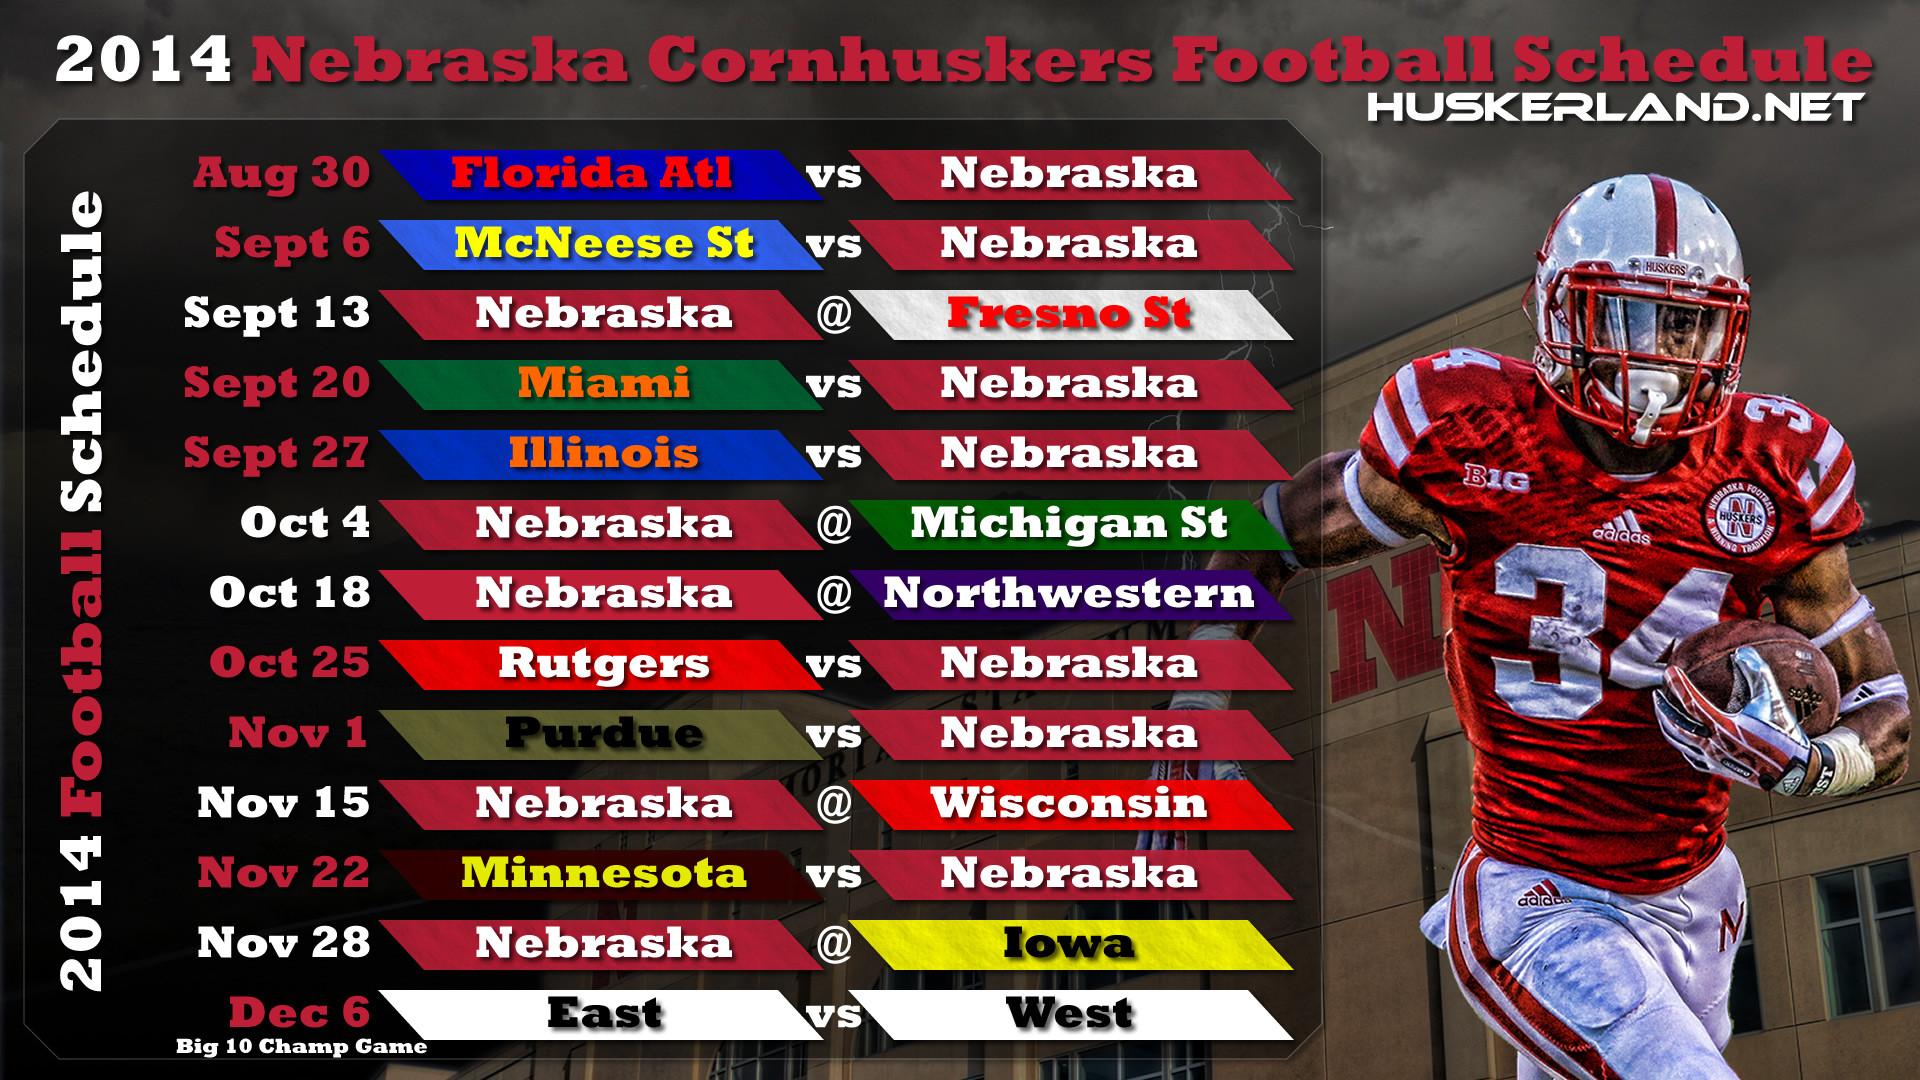 Nebraska huskers 2012 football schedule wallpaper 2   Chainimage